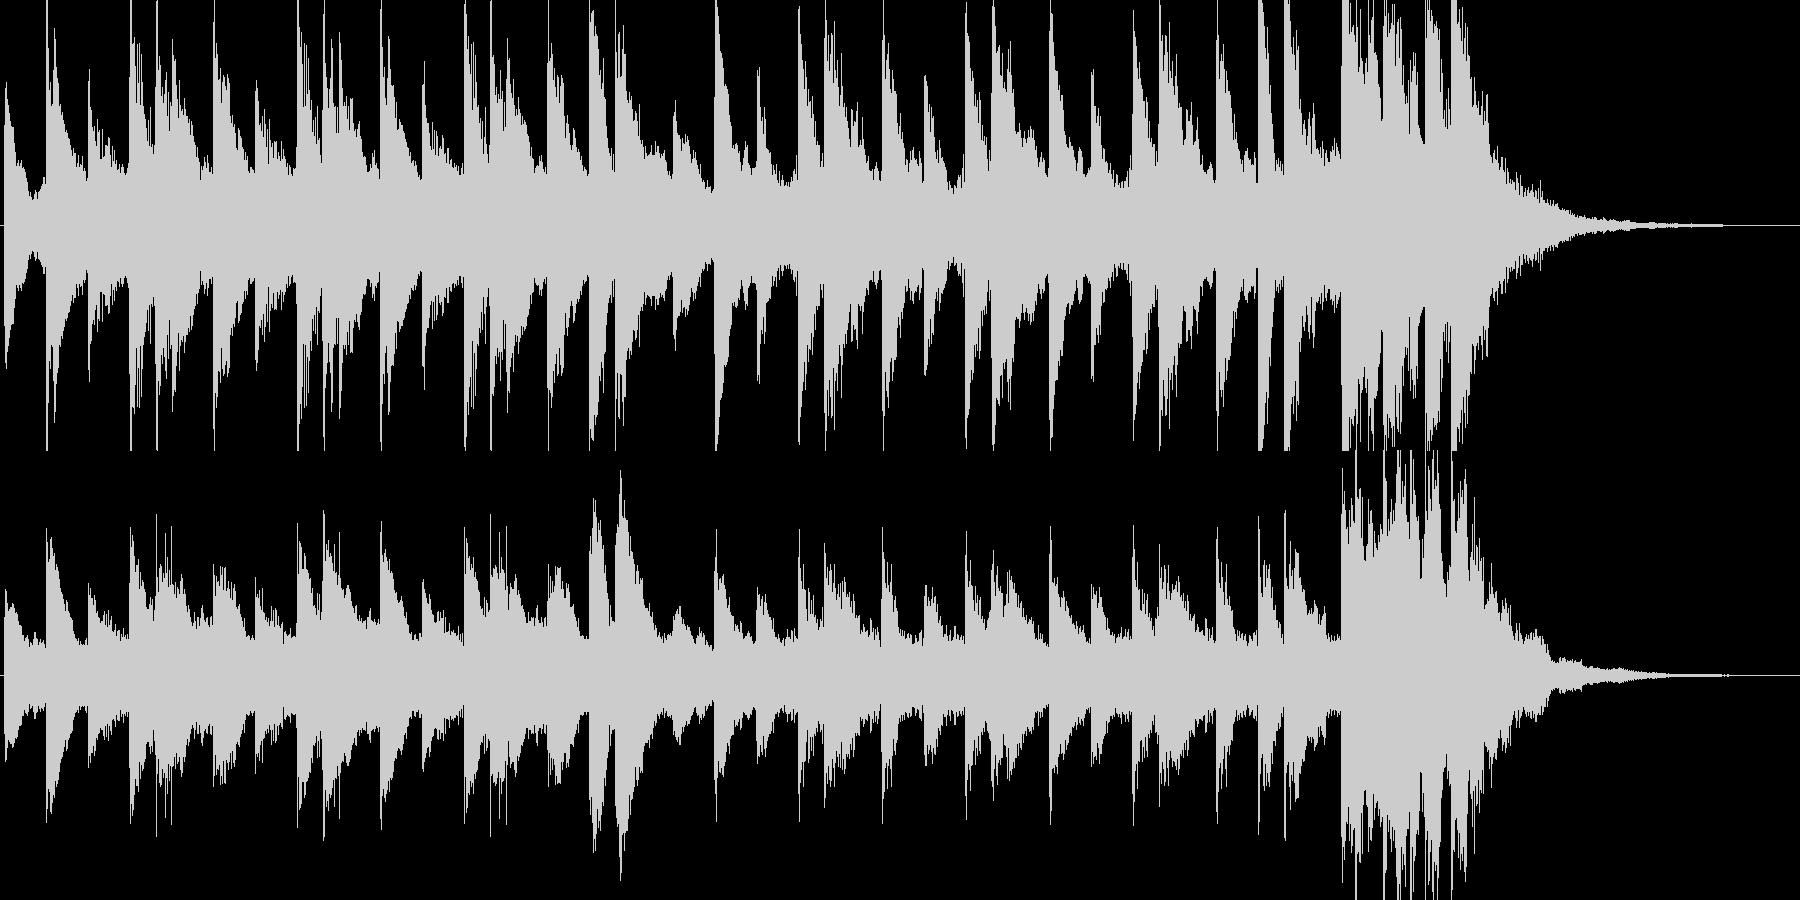 ちょっとけだるい雰囲気のピアノBGMの未再生の波形